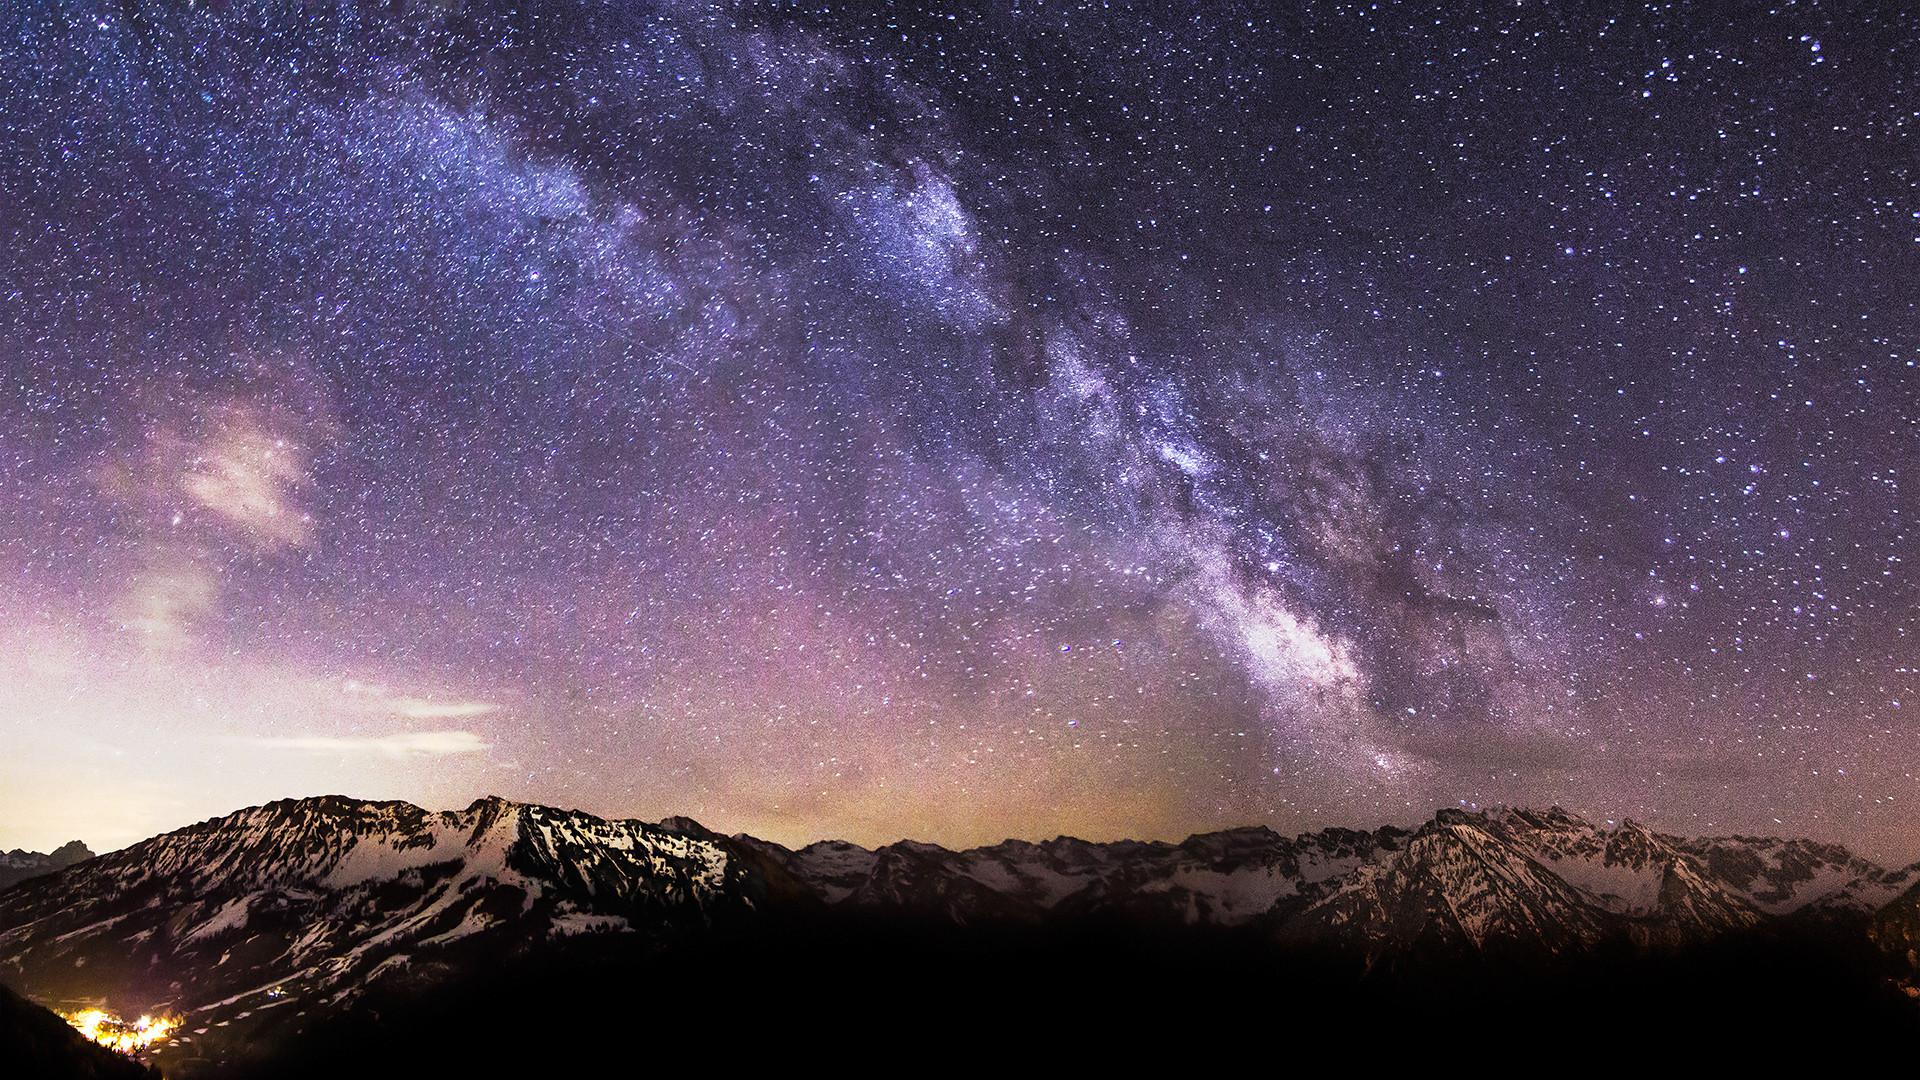 Milky Way Wallpaper 1080p